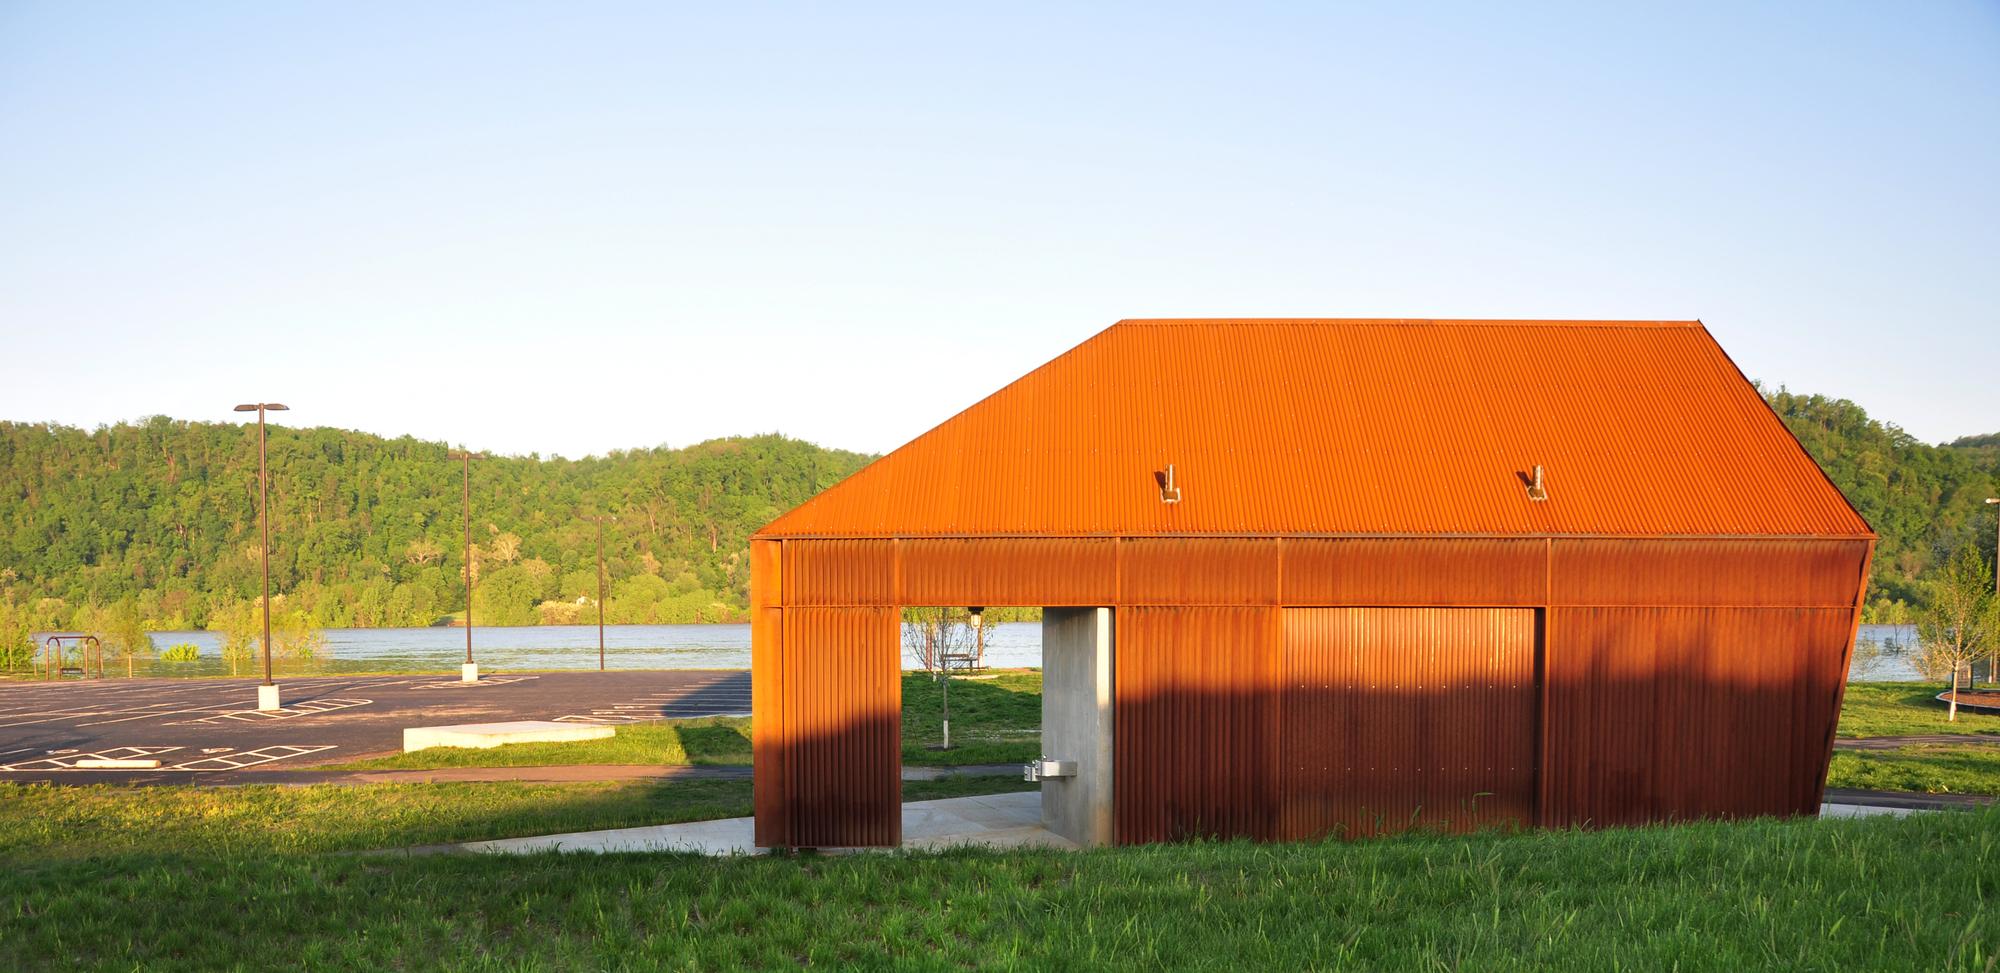 Riverview Park Visitor Service Building I / De Leon & Primmer Architecture Workshop, © De Leon & Primmer Architecture Workshop